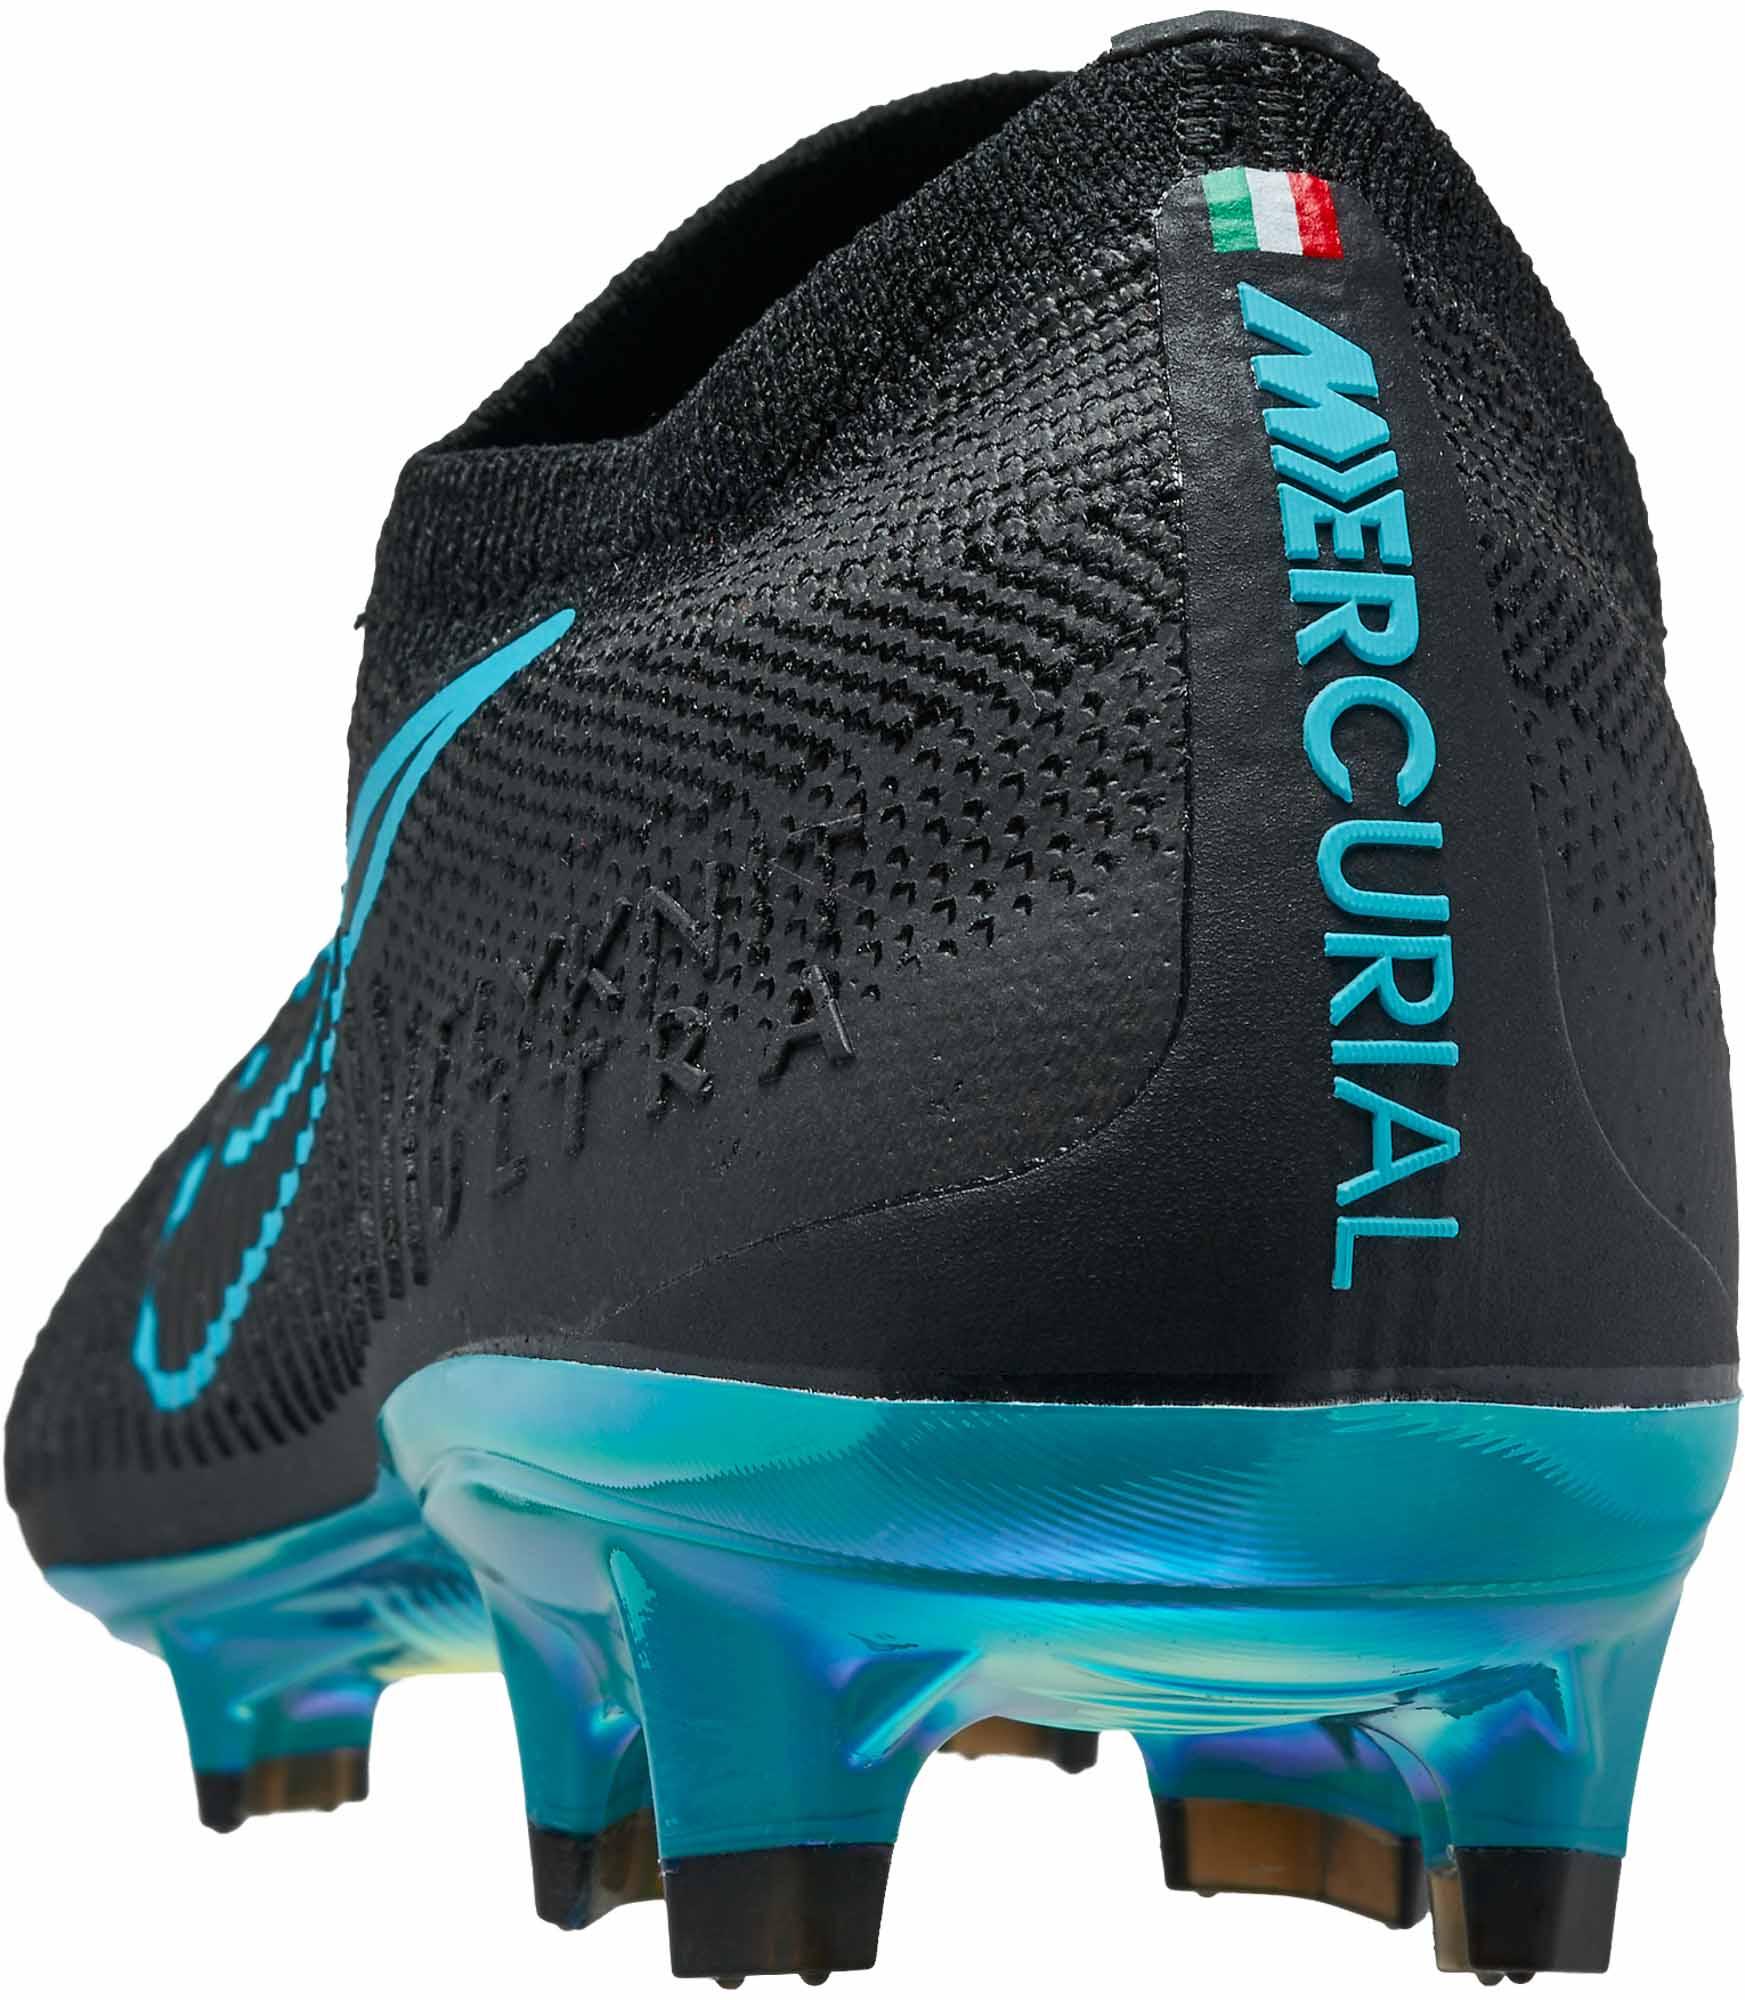 ef4b813a623 Nike Flyknit Ultra FG - Black & Gamma Blue